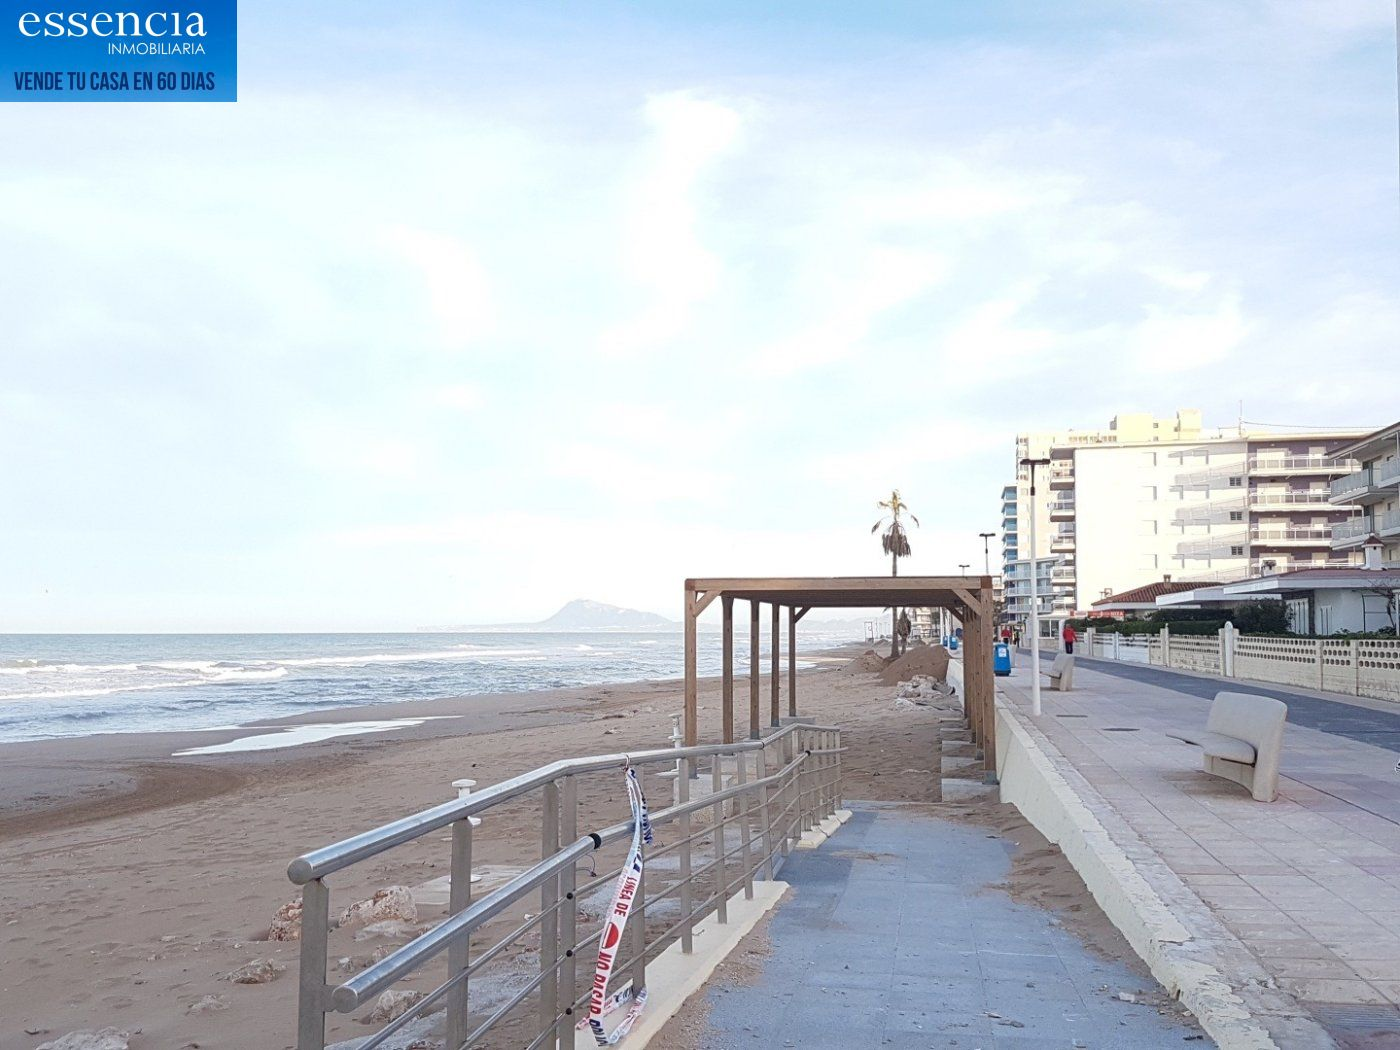 Apartamento con vistas al mar en playa de bellreguard.  garaje y piscina. - imagenInmueble22